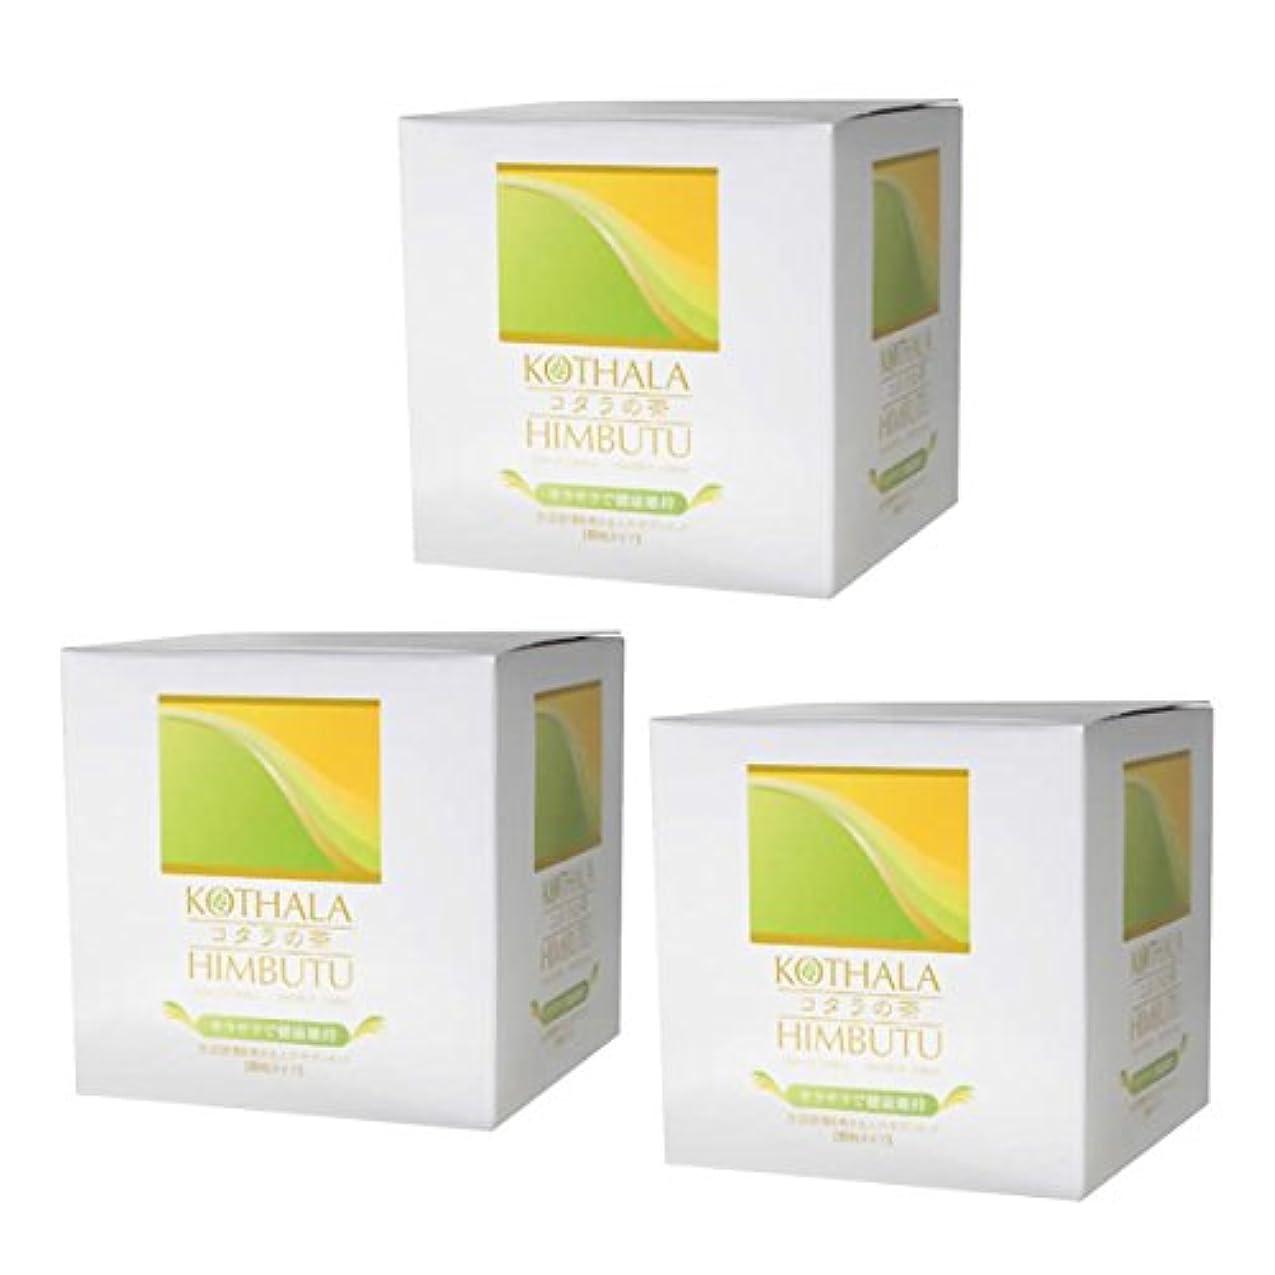 バイバイ思い出パプアニューギニアコタラの茶 (90包入) 3箱セット